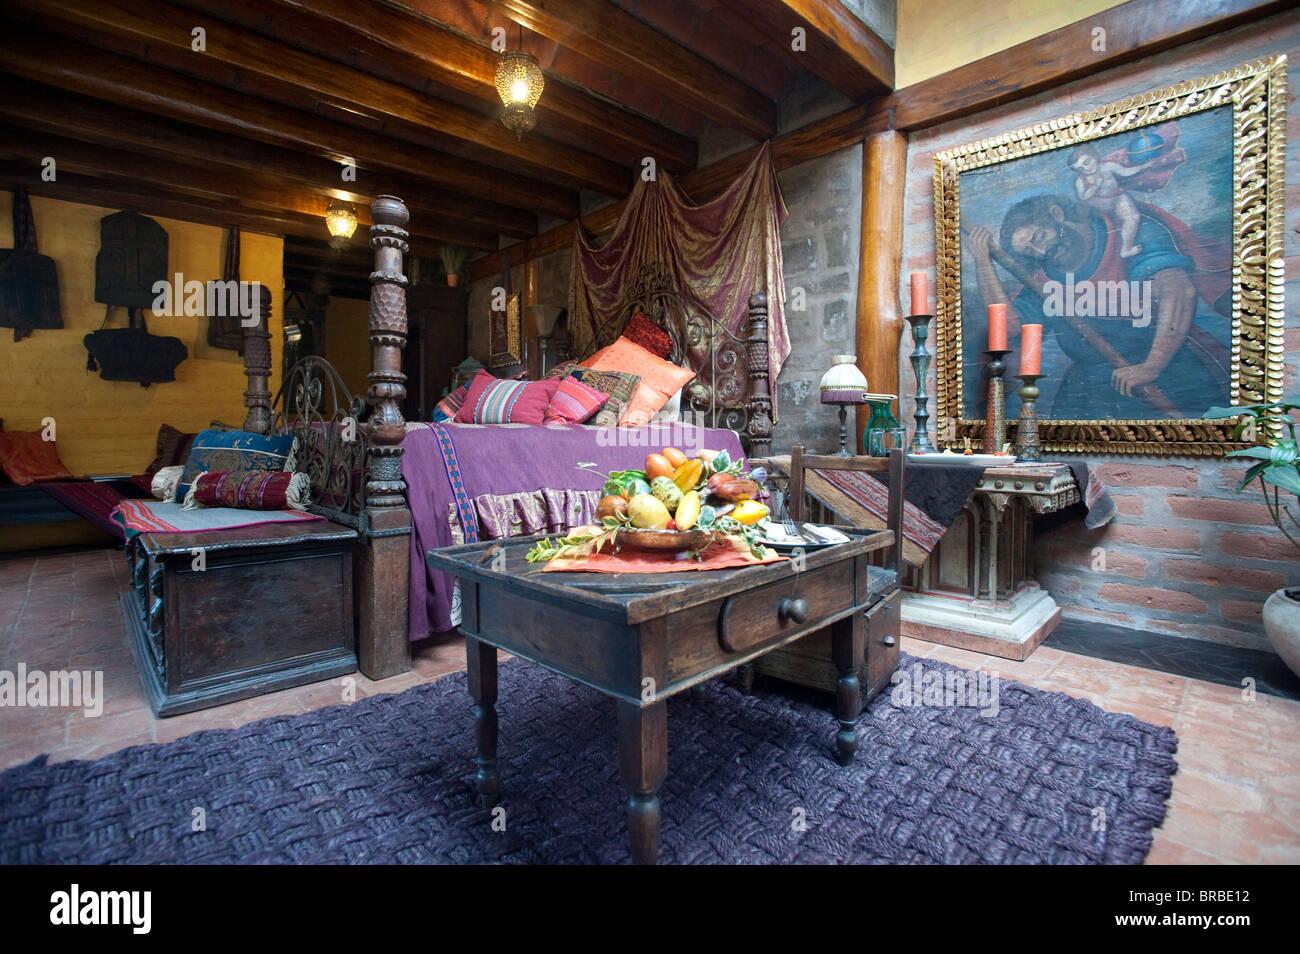 Rumi Loma hotel, Quito, Ecuador - Stock Image